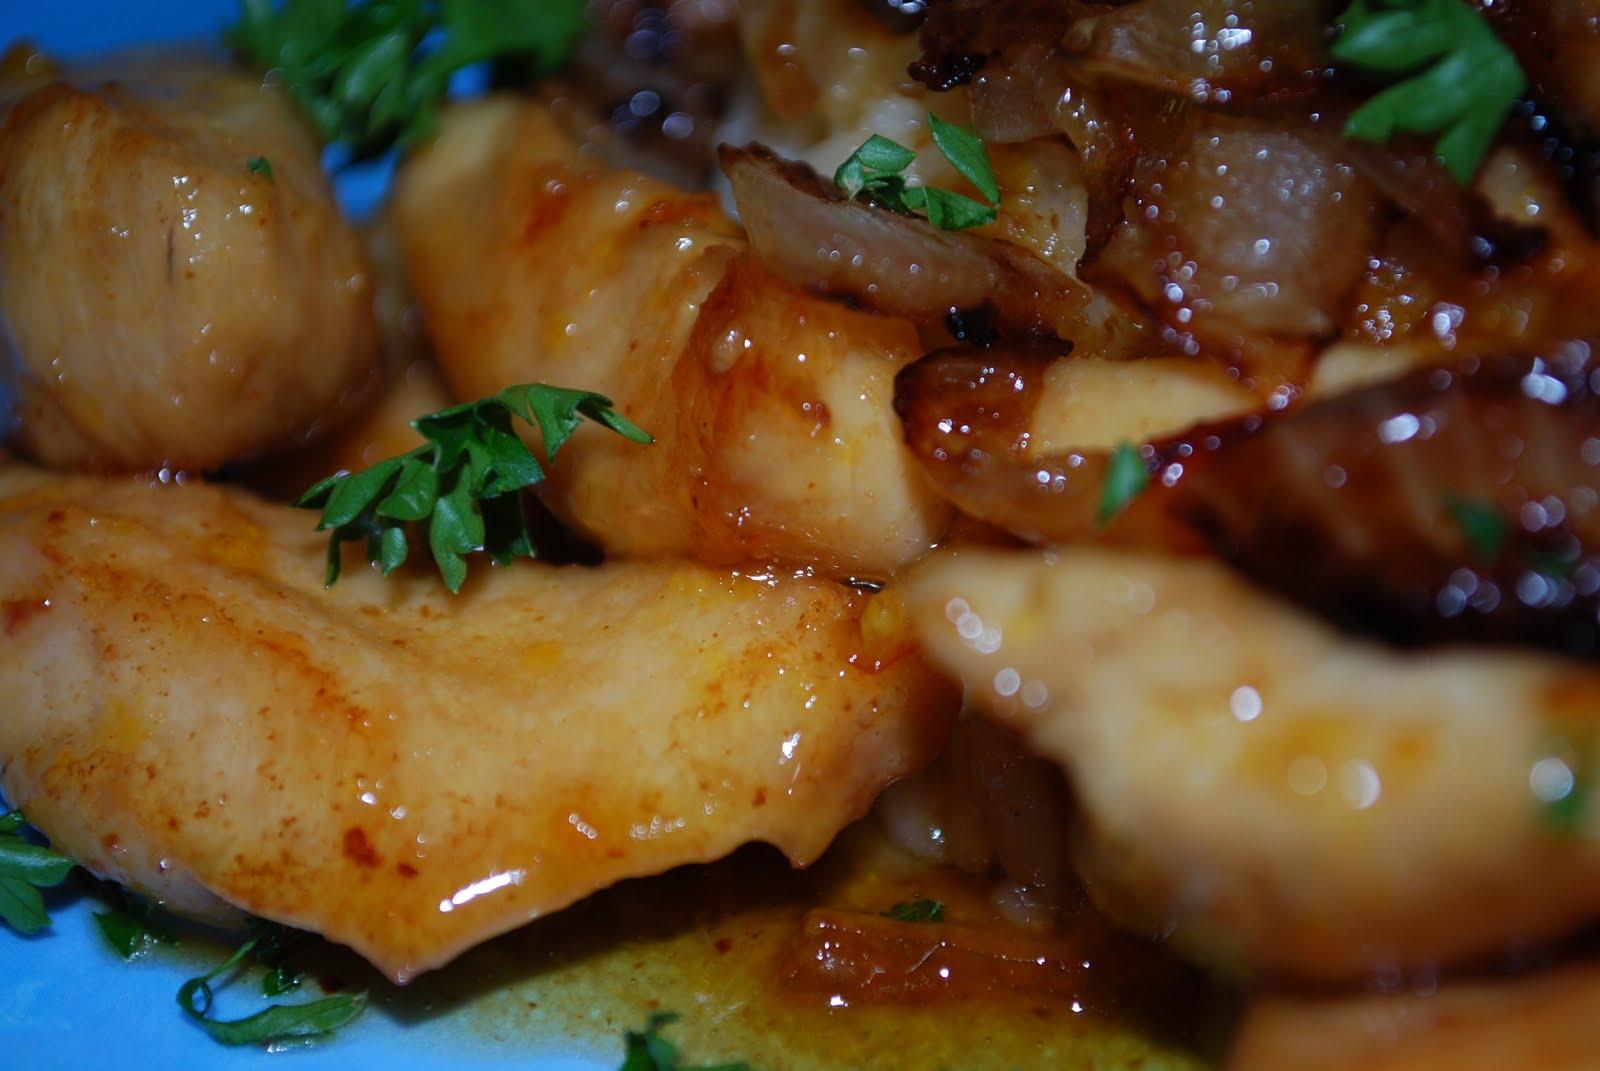 Delicious chicken marmalade